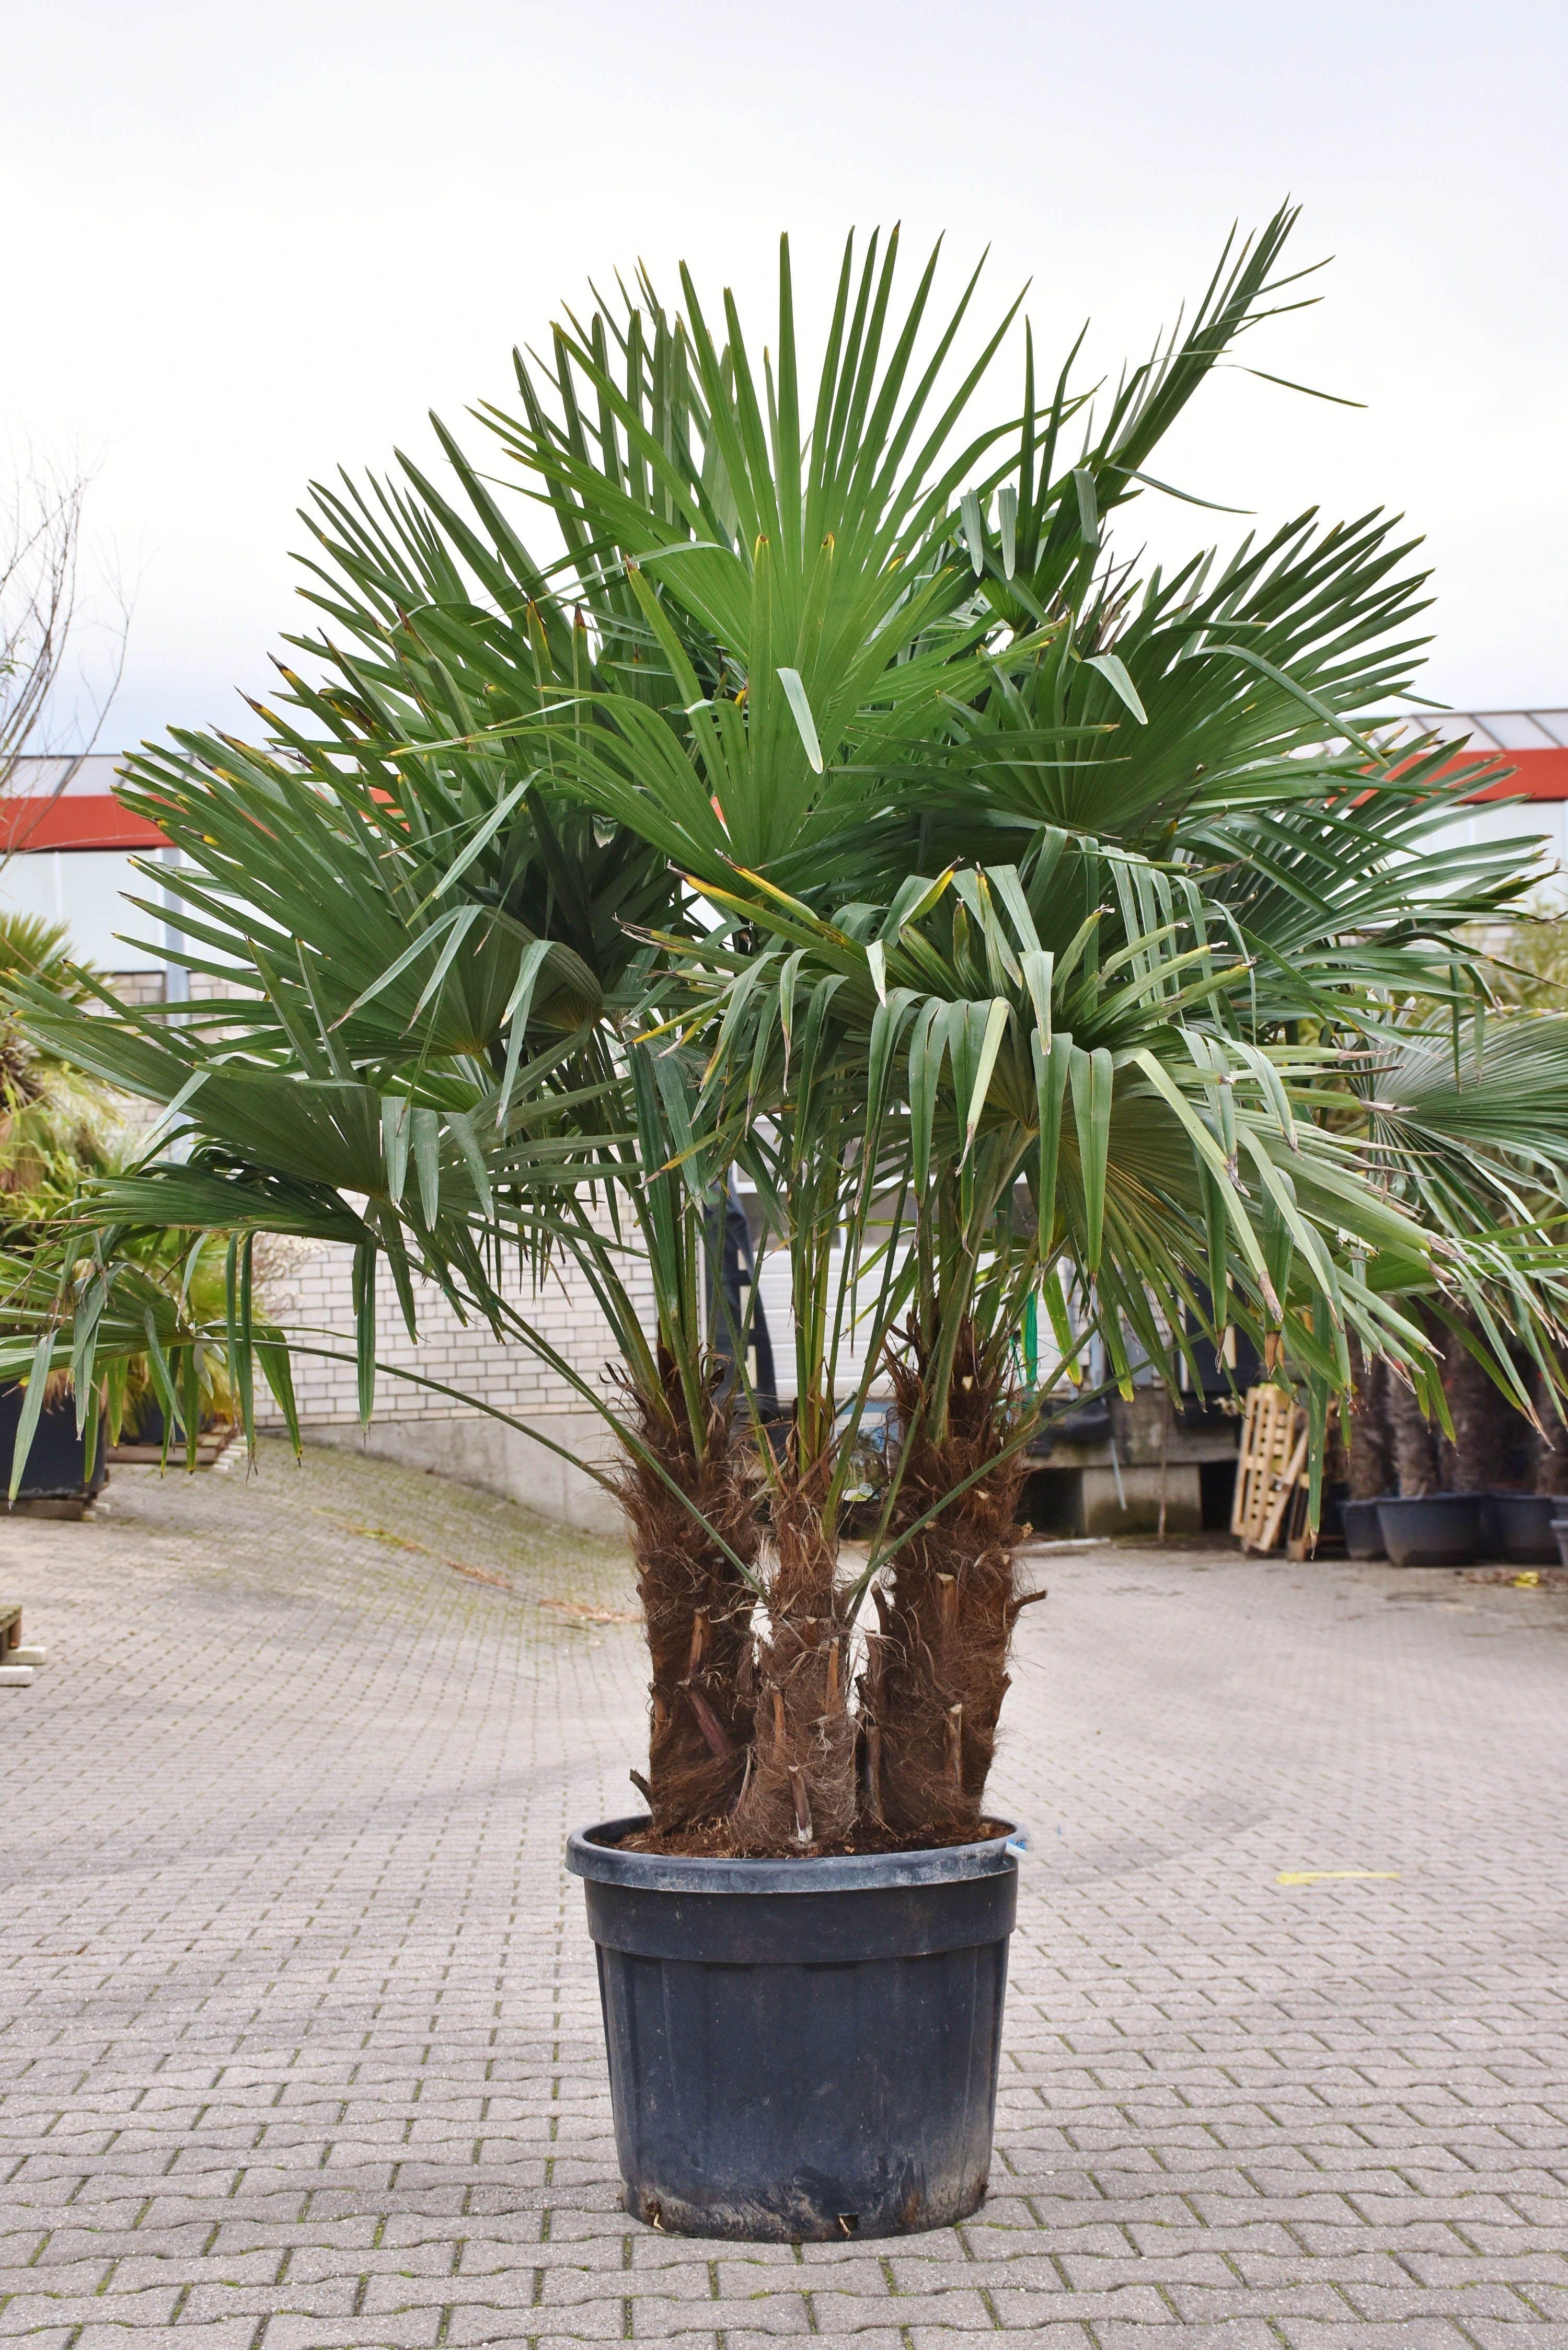 Hanfpalme Fortunei Winterhart Gruppe Gros Hanfpalme Als 3er Gruppe Lieferhohe Ca 2 30 2 40m Inkl Topf Mit Stammen Von Bi Hanfpalme Gartenkunst Pflanzen